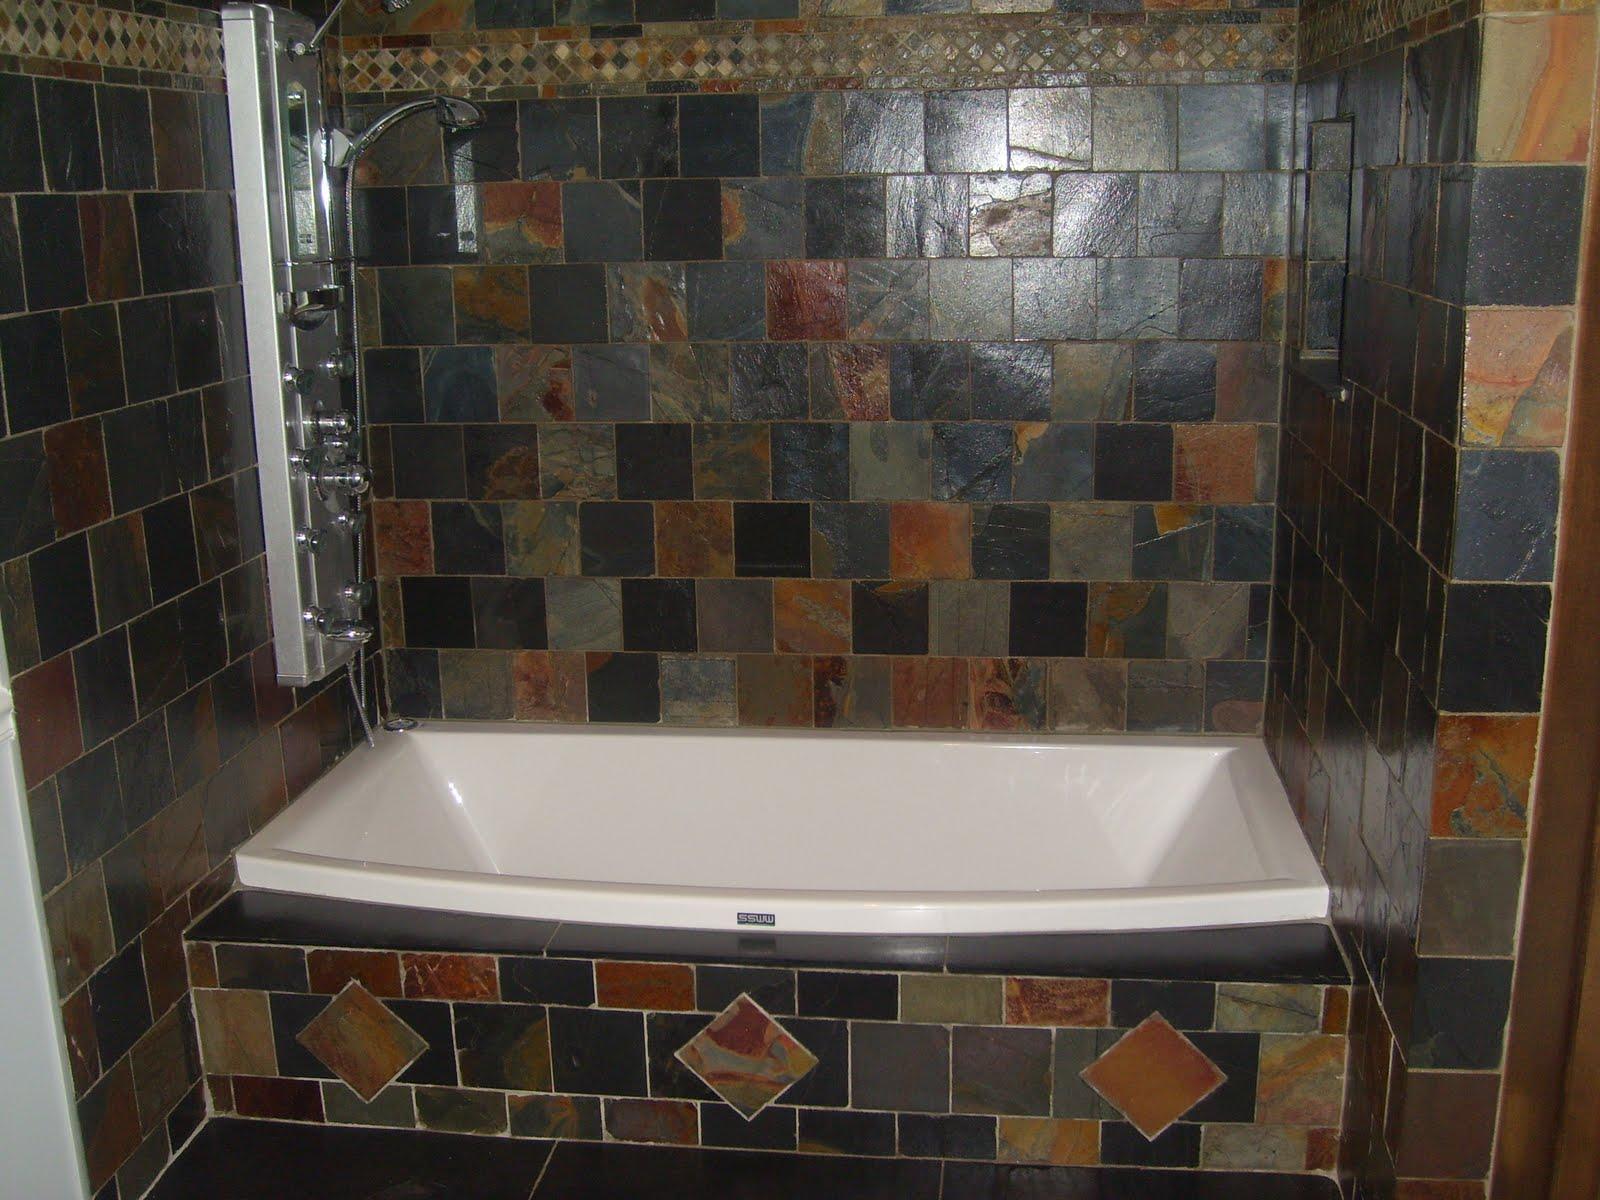 glass-kitchen-tiles-uk-i5